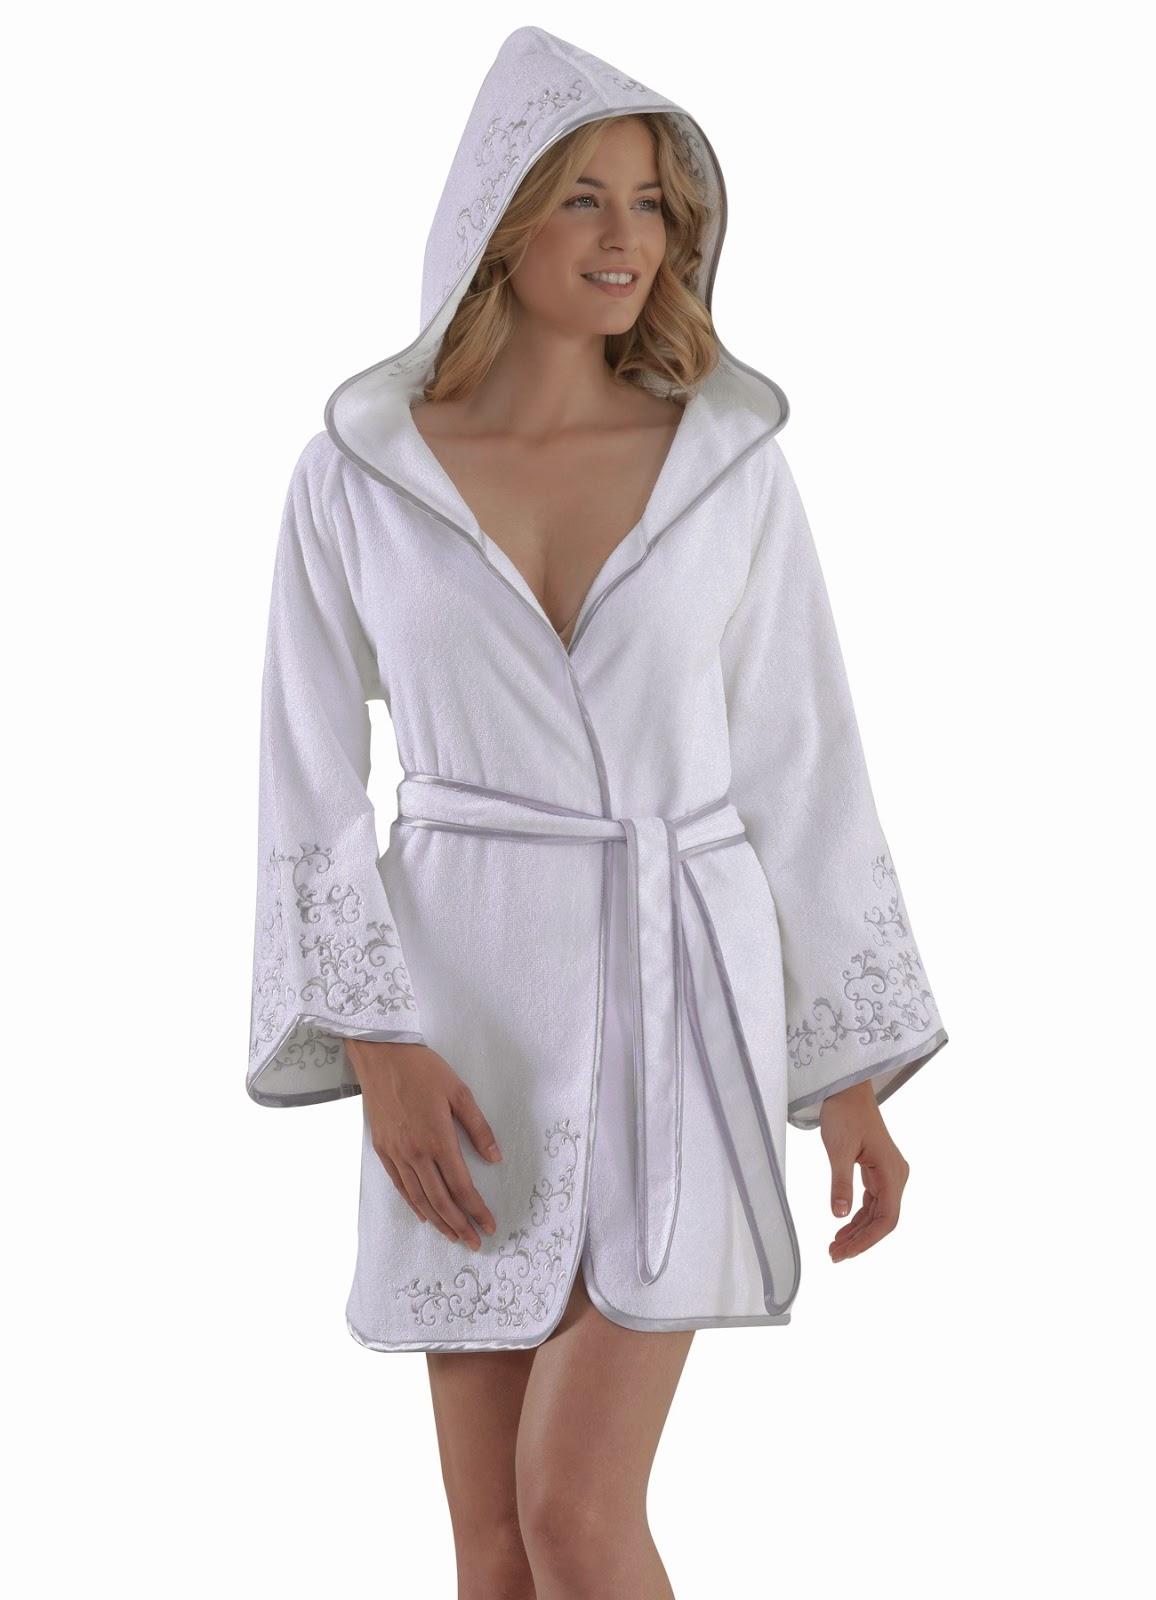 femmes serviette ponge bain spa peignoir luxe turque. Black Bedroom Furniture Sets. Home Design Ideas